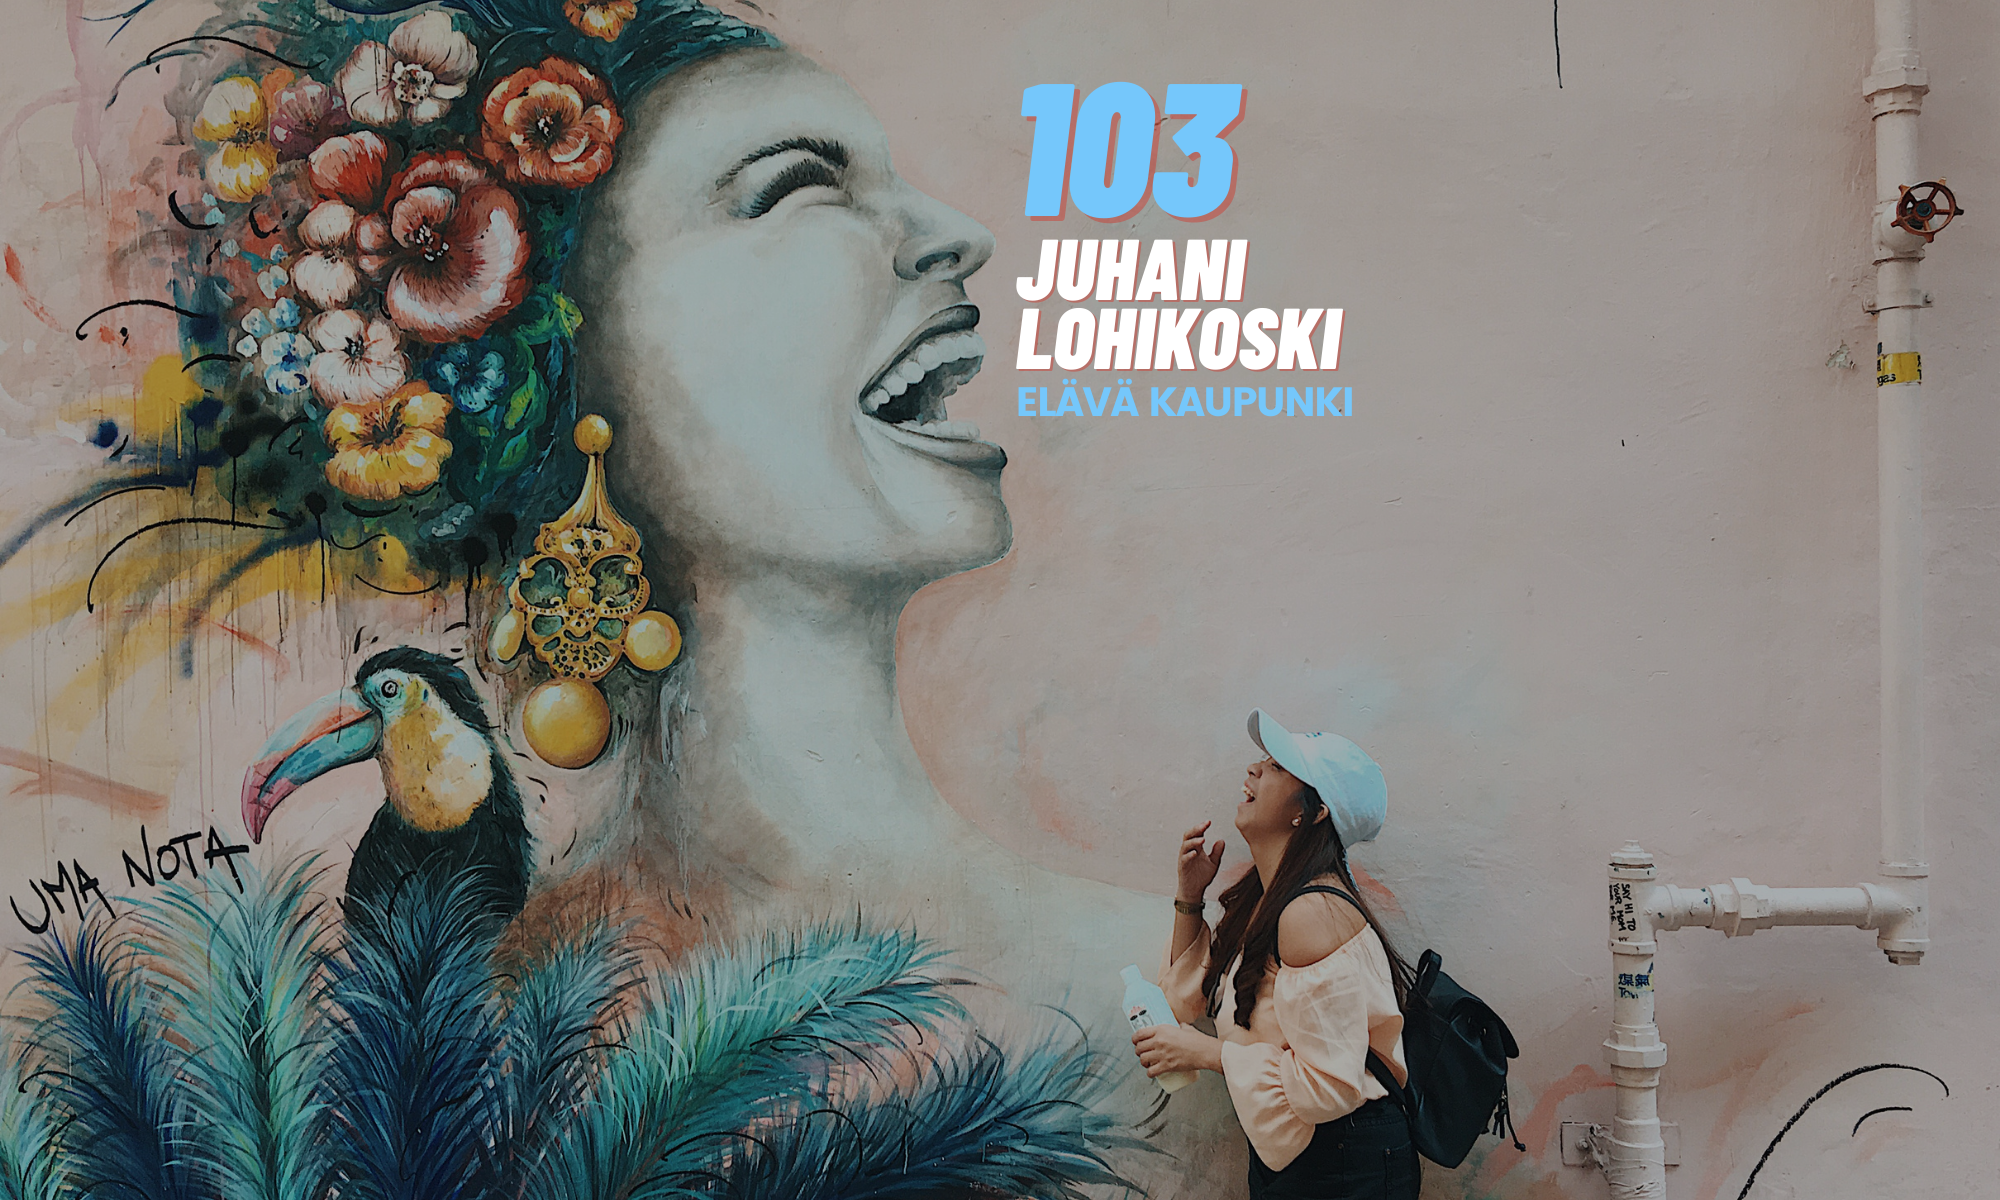 Juhani Lohikoski